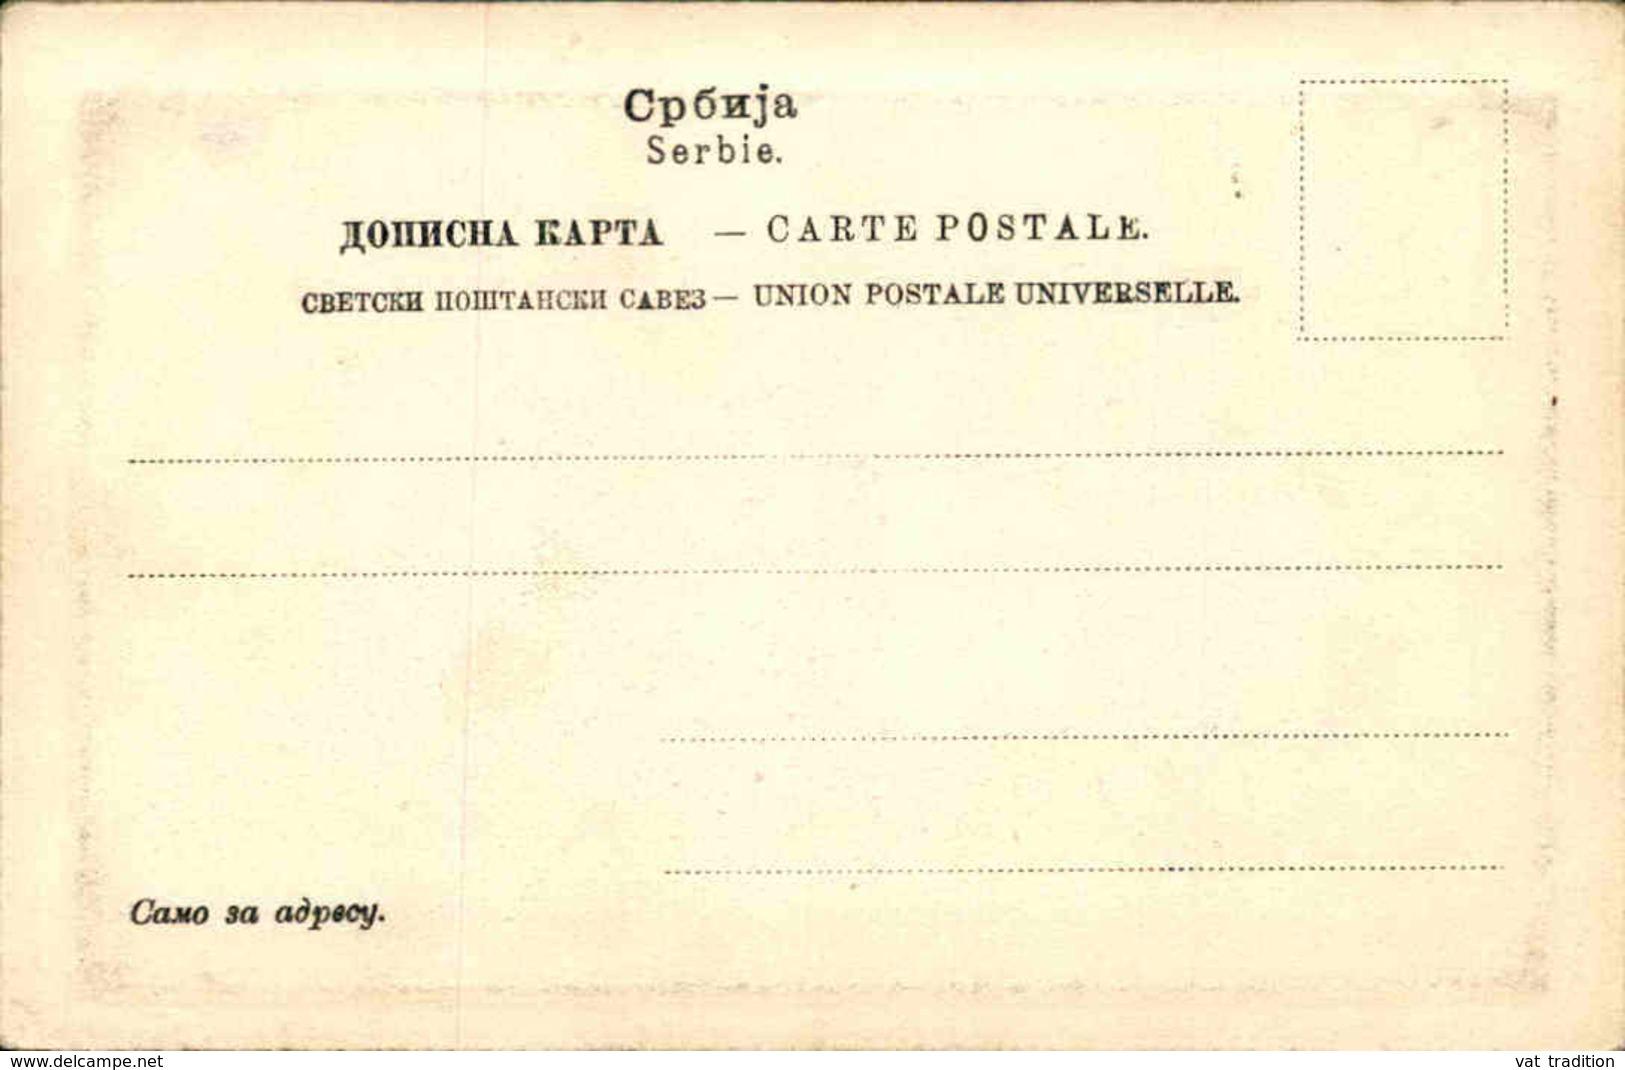 SERBIE - Carte Postale - Bacuna Yuinza - Vassina Strasse - L 29797 - Serbie